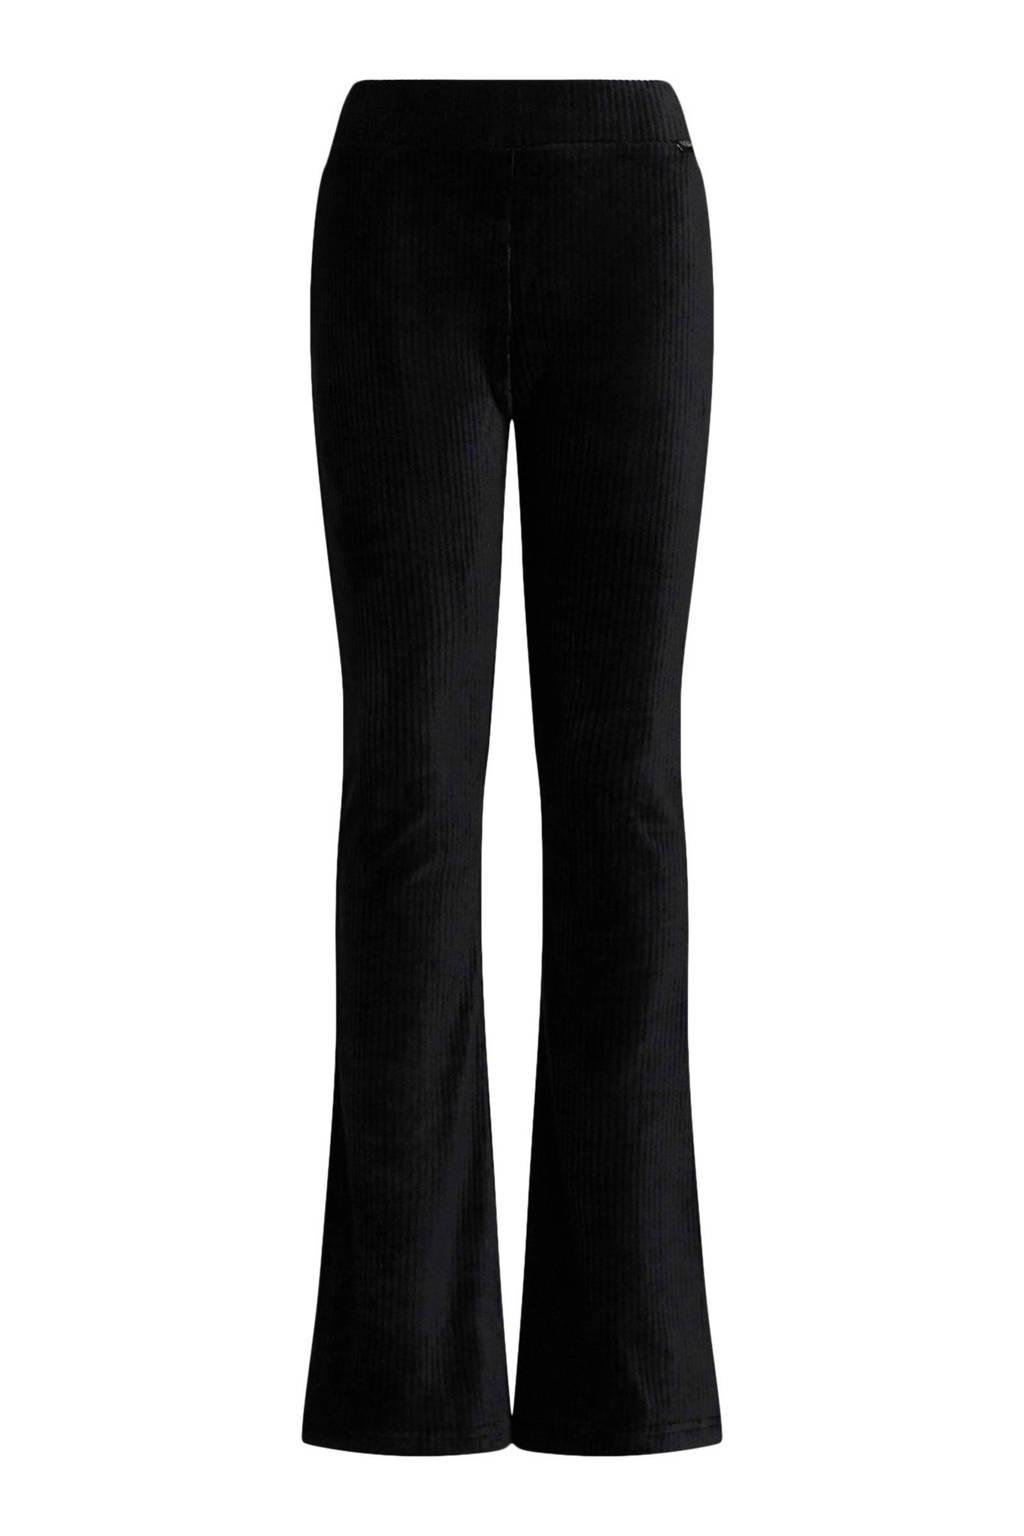 WE Fashion velours broek zwart, Zwart